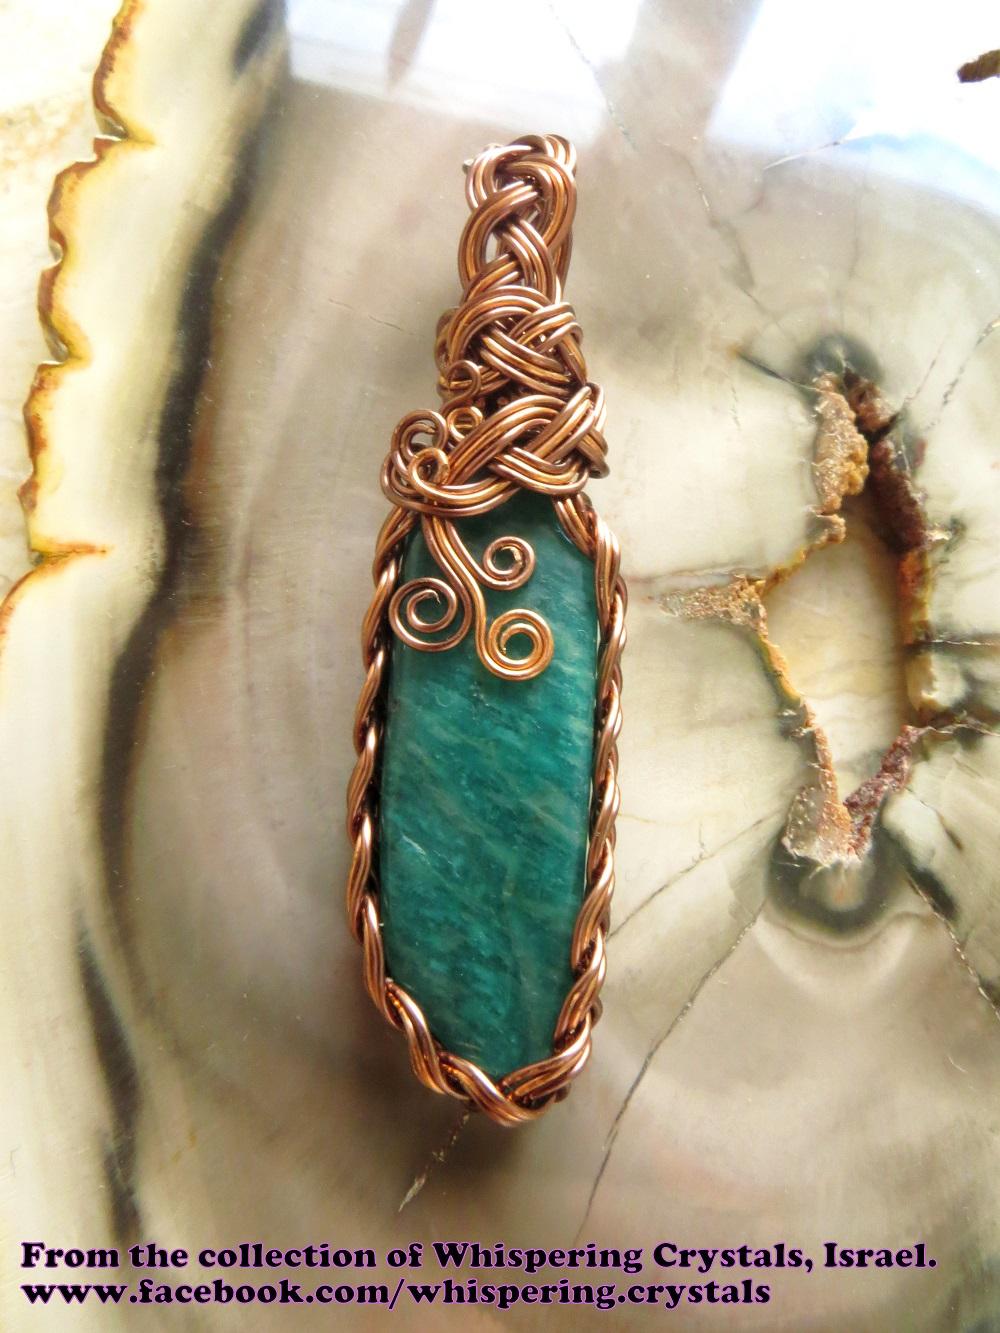 אמאזונייט משובצת בשרשרת. מהאוסף של 'וויספרינג קריסטלס' www.facebook.com/whispering.crystals נחושת.